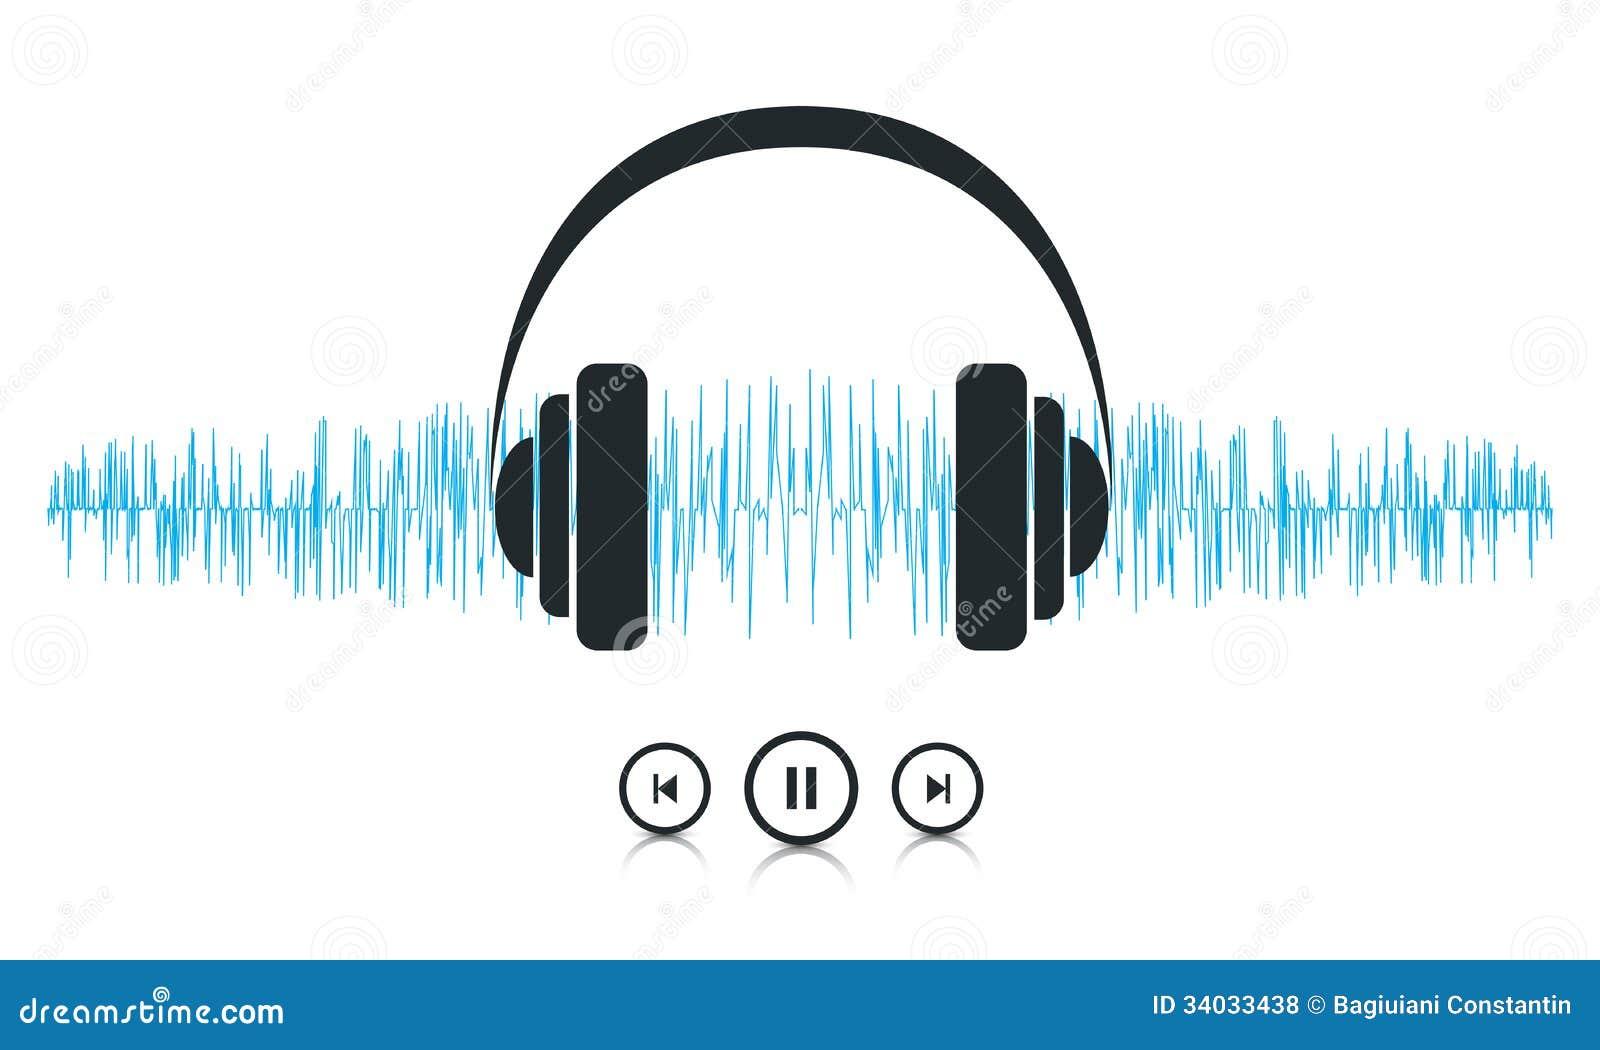 music sound waves stock vector illustration of modern 34033438 rh dreamstime com sound wave vector images sound wave vector download